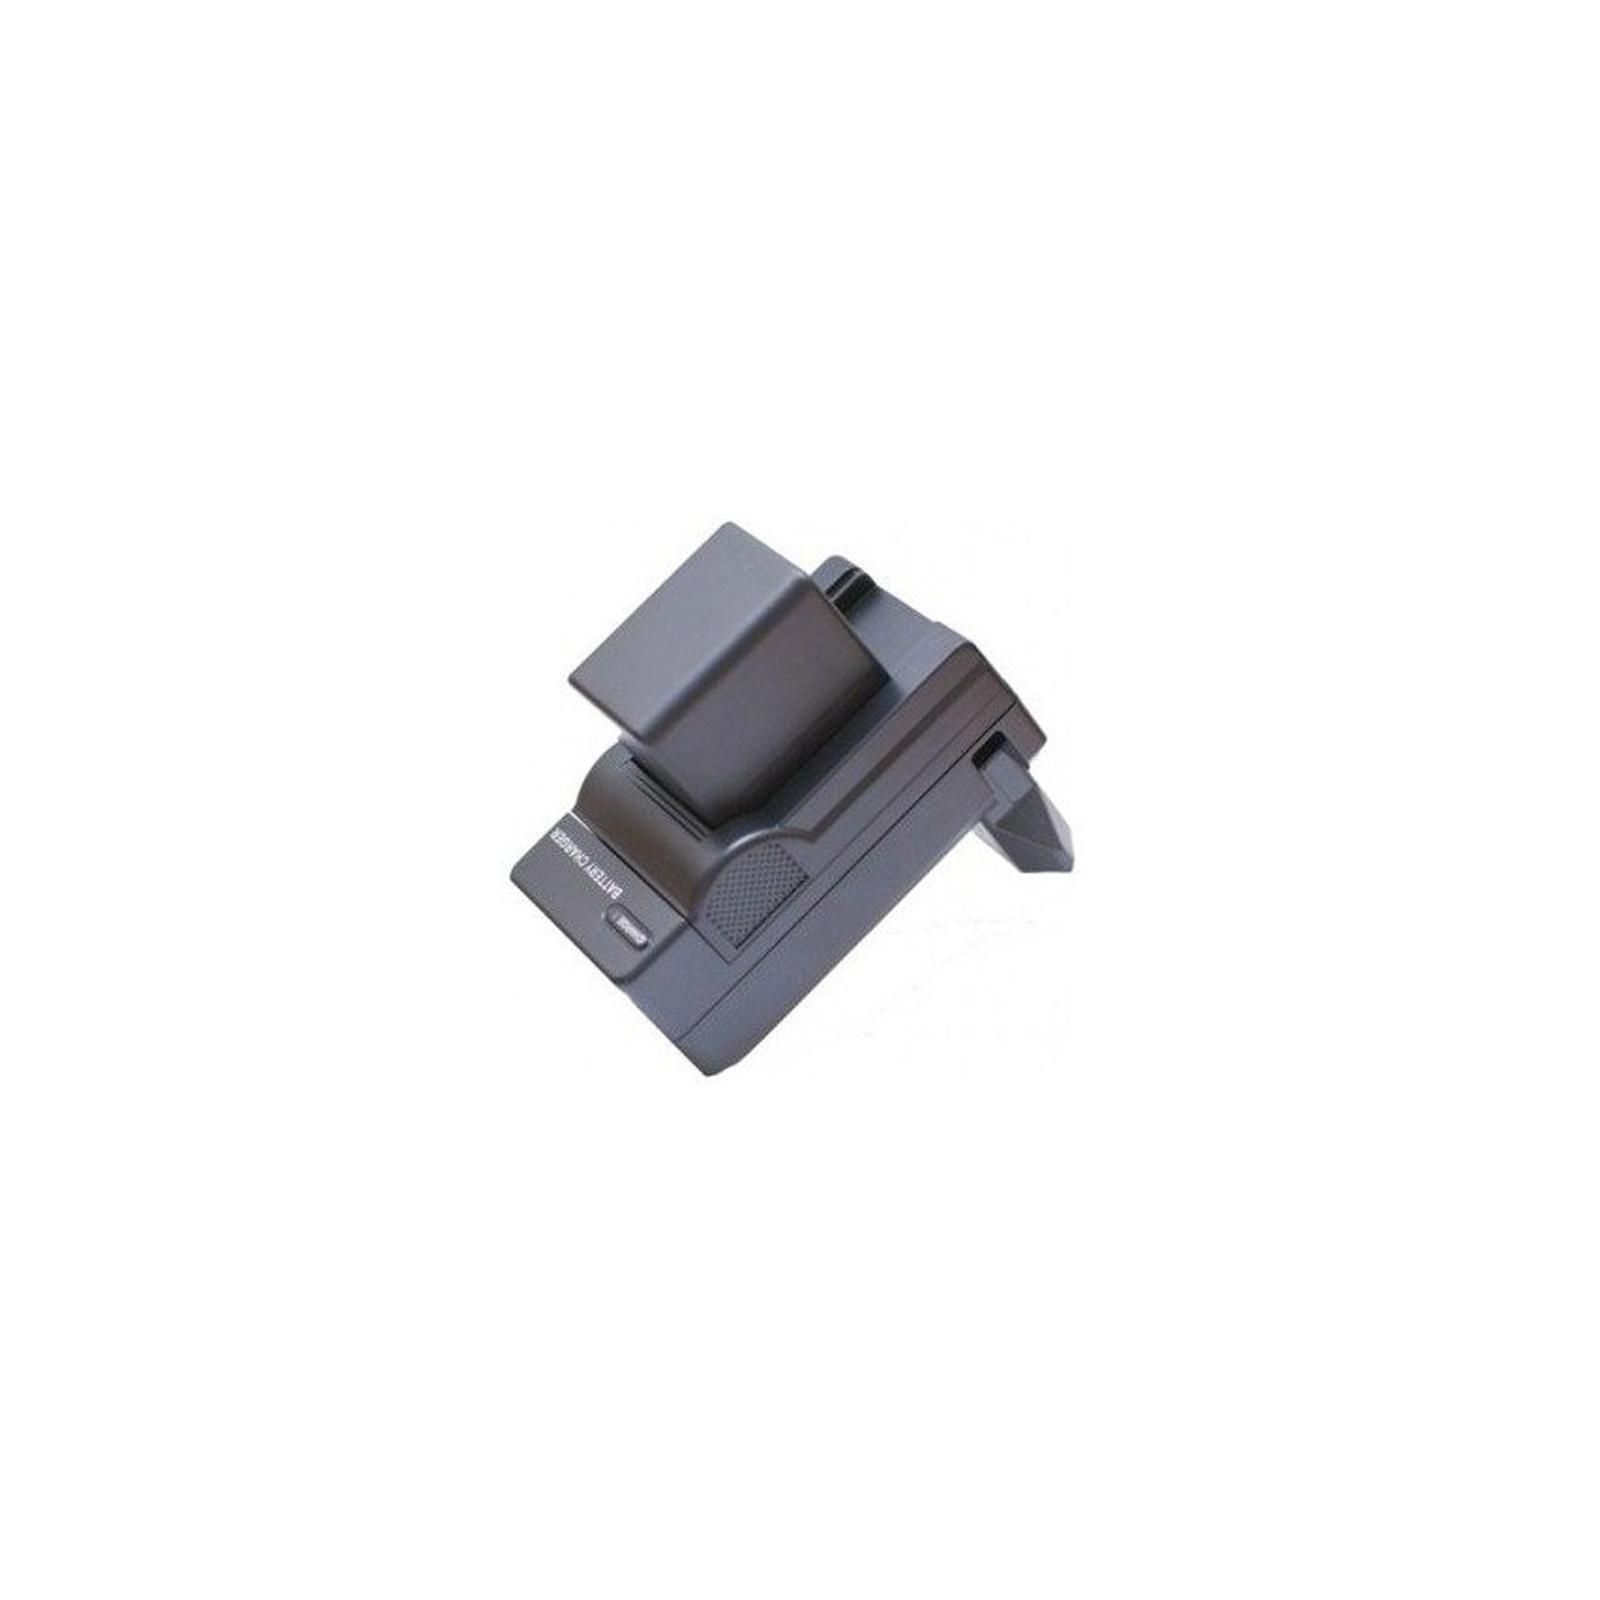 Зарядное устройство для фото PowerPlant Canon BP-727 (DV00DV2385) изображение 3